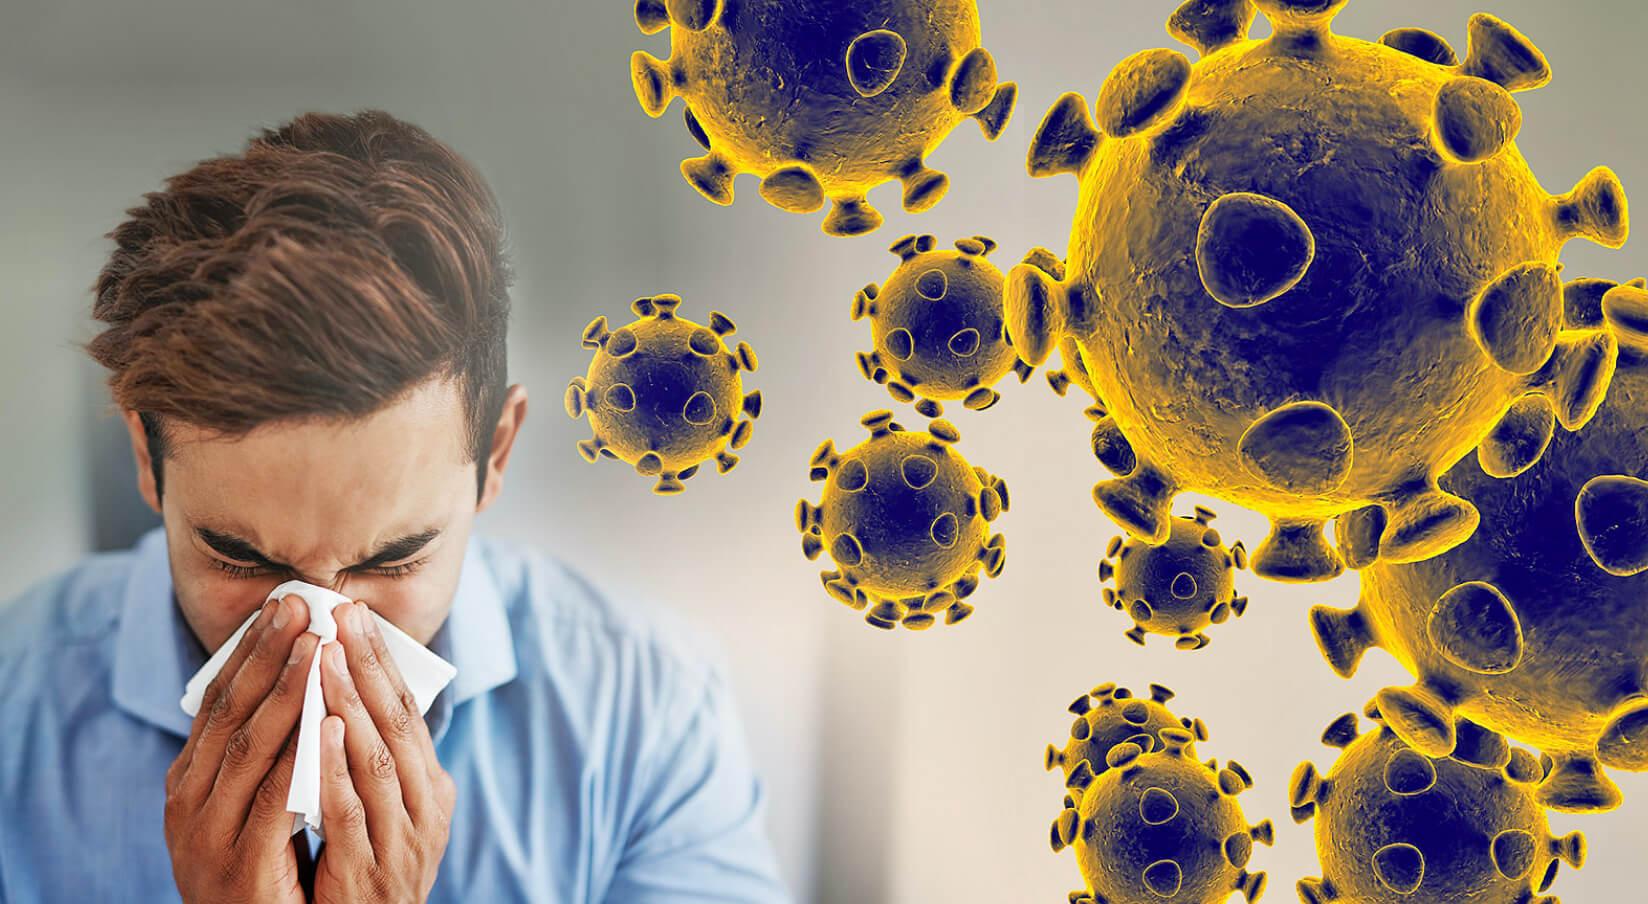 Qualidade do ar e seus benefícios contra a surto do Novo Coronavírus